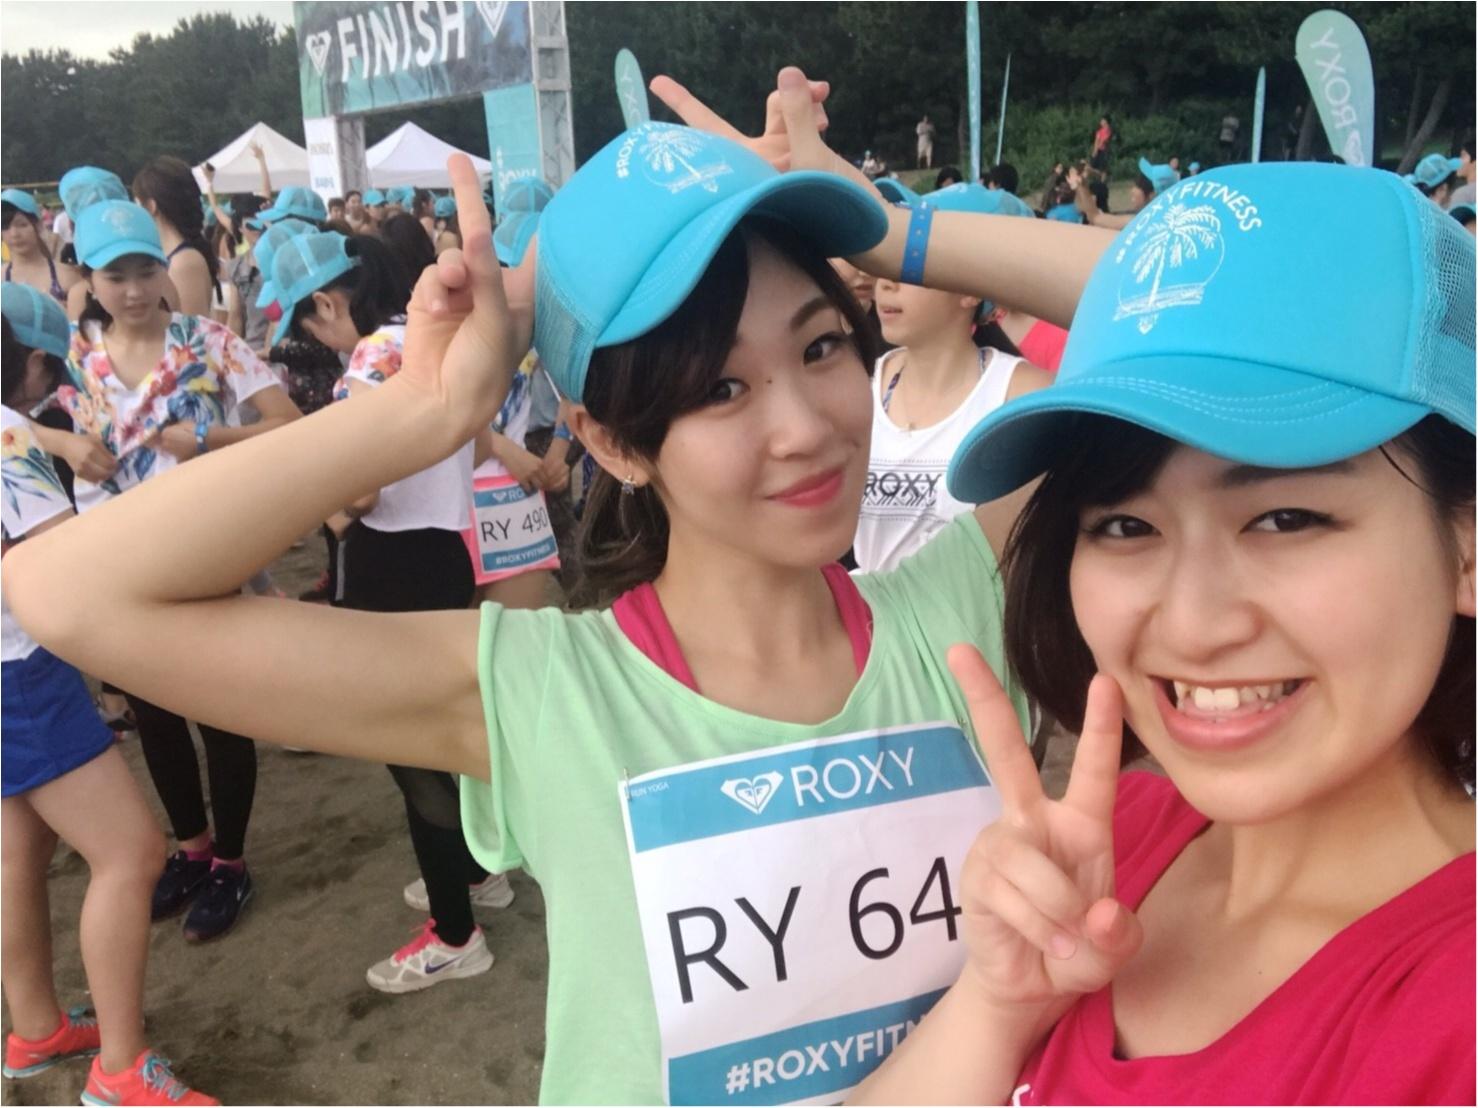 【EVENT】横浜初開催!#ROXY FITNESS RUN SUP YOGAに行ってきました♥_5